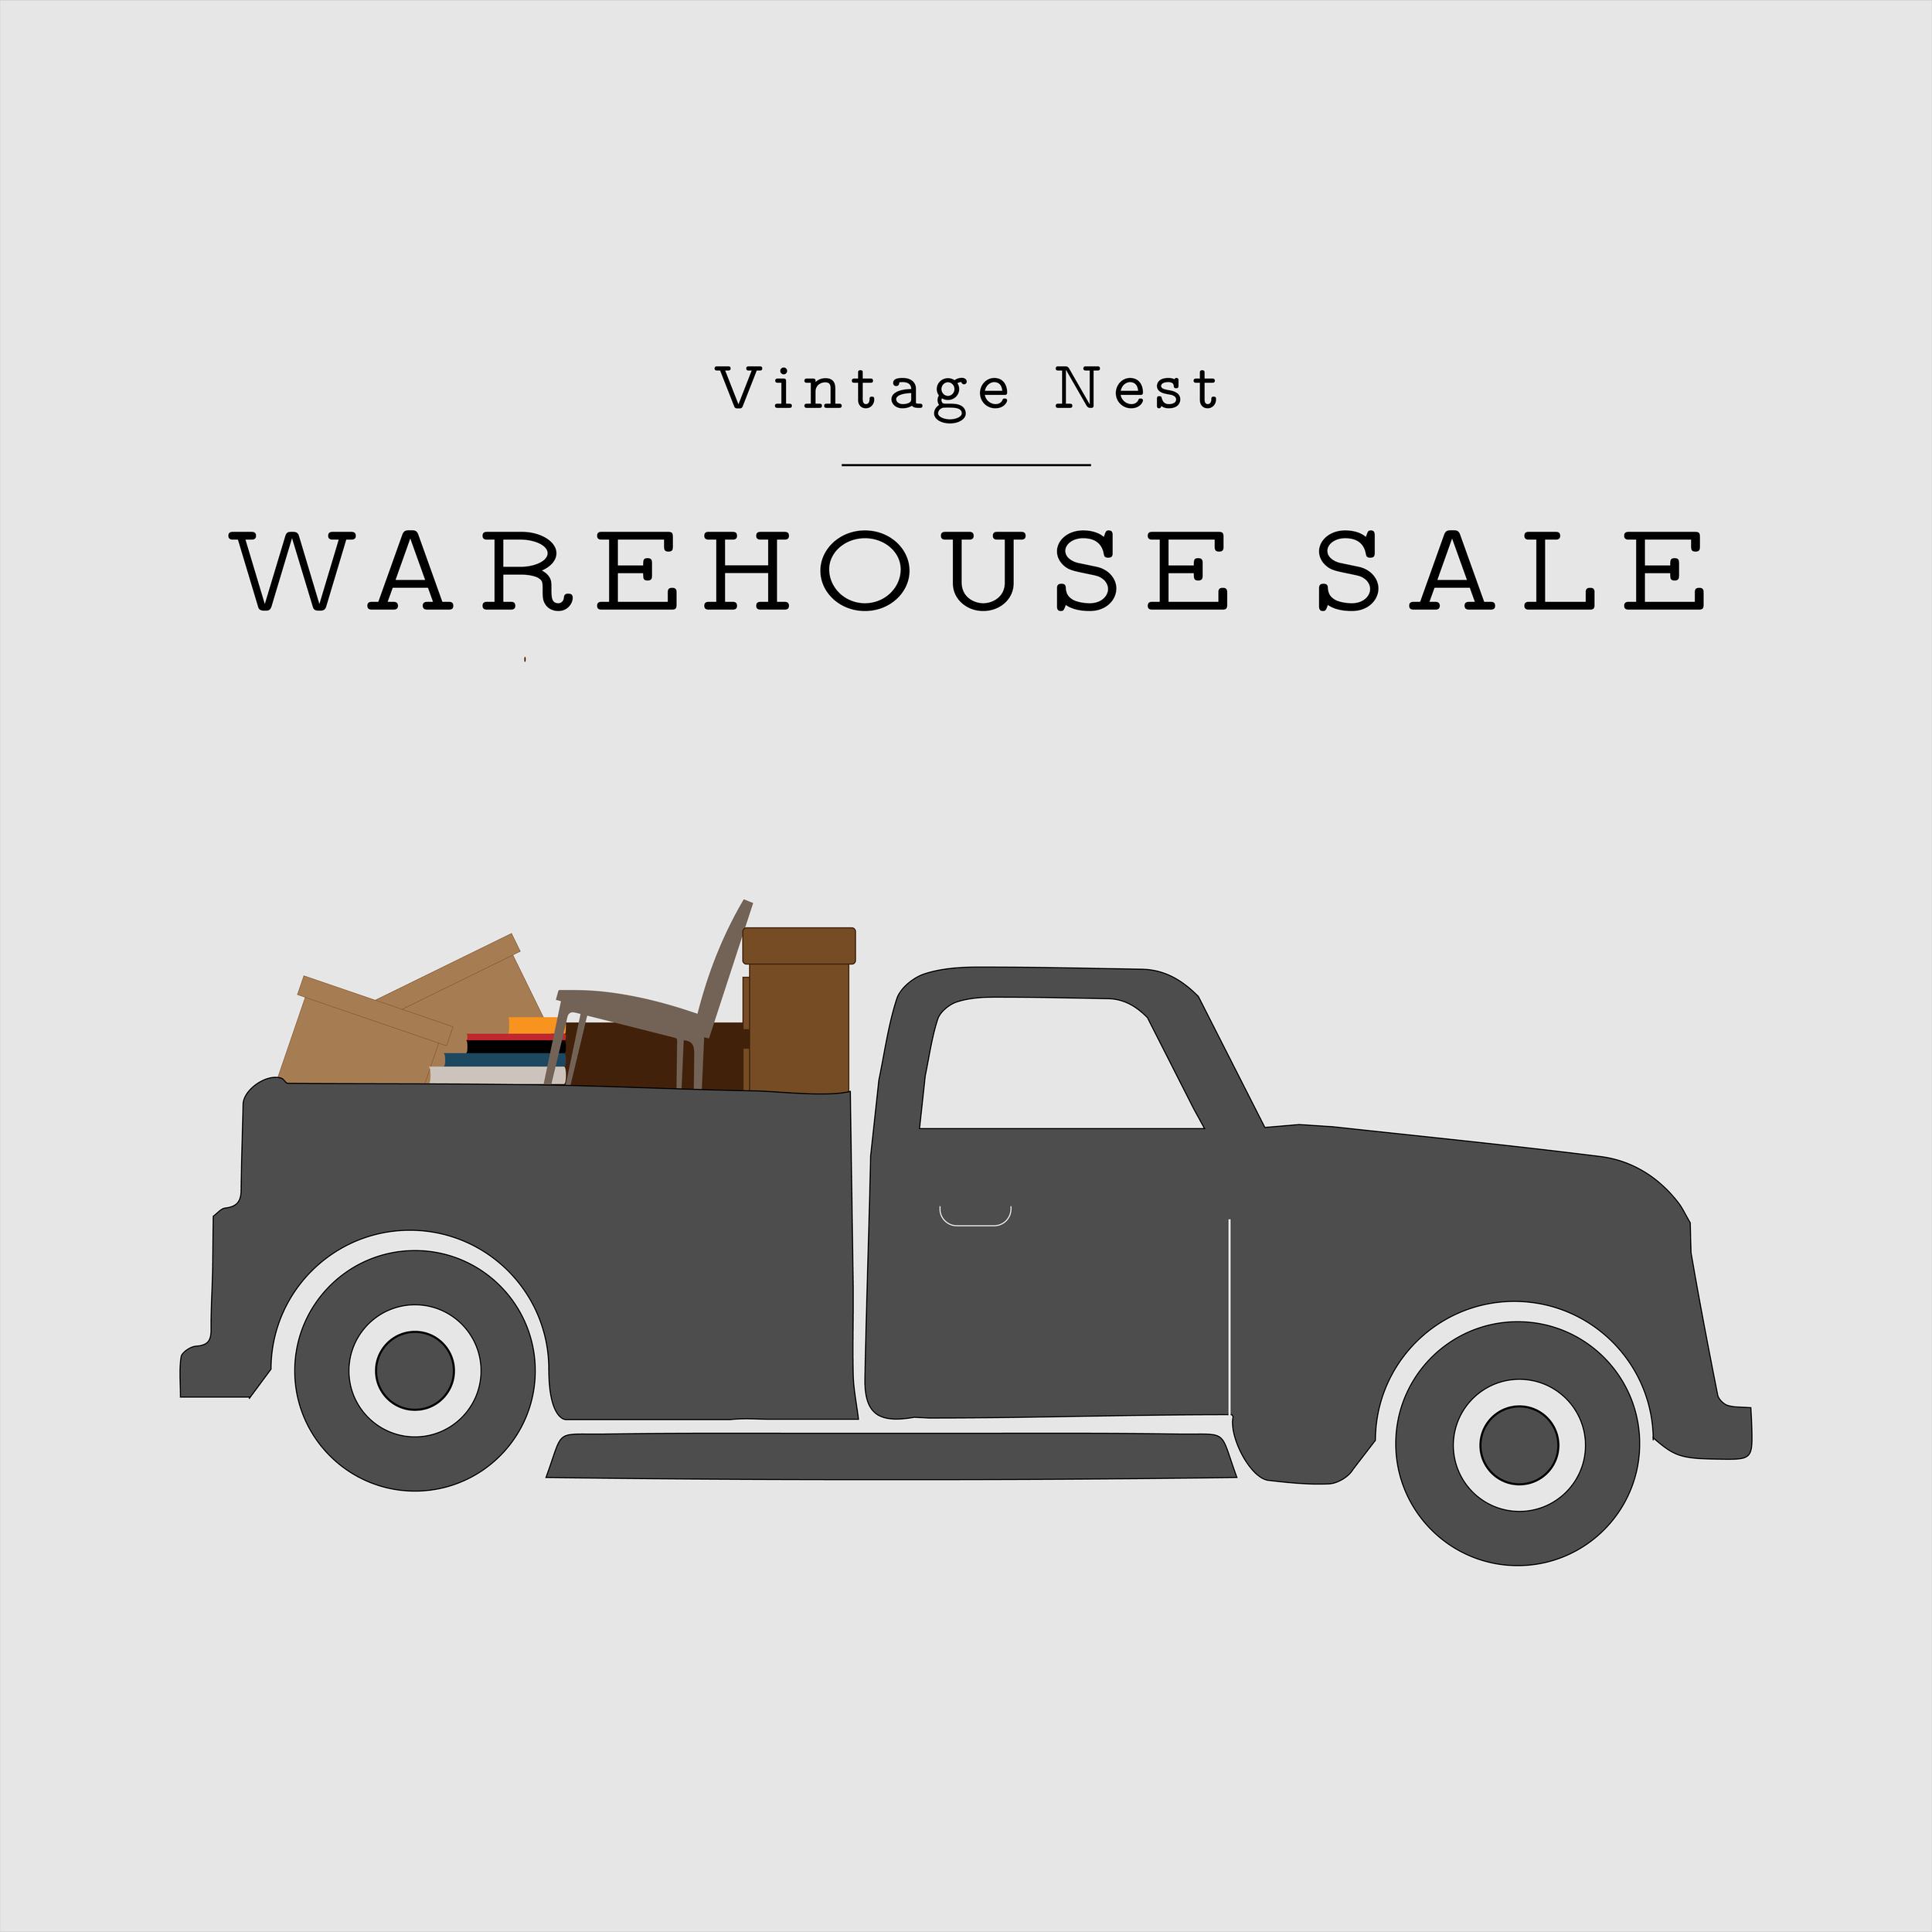 VN-WarehouseSale-vanity-01.png